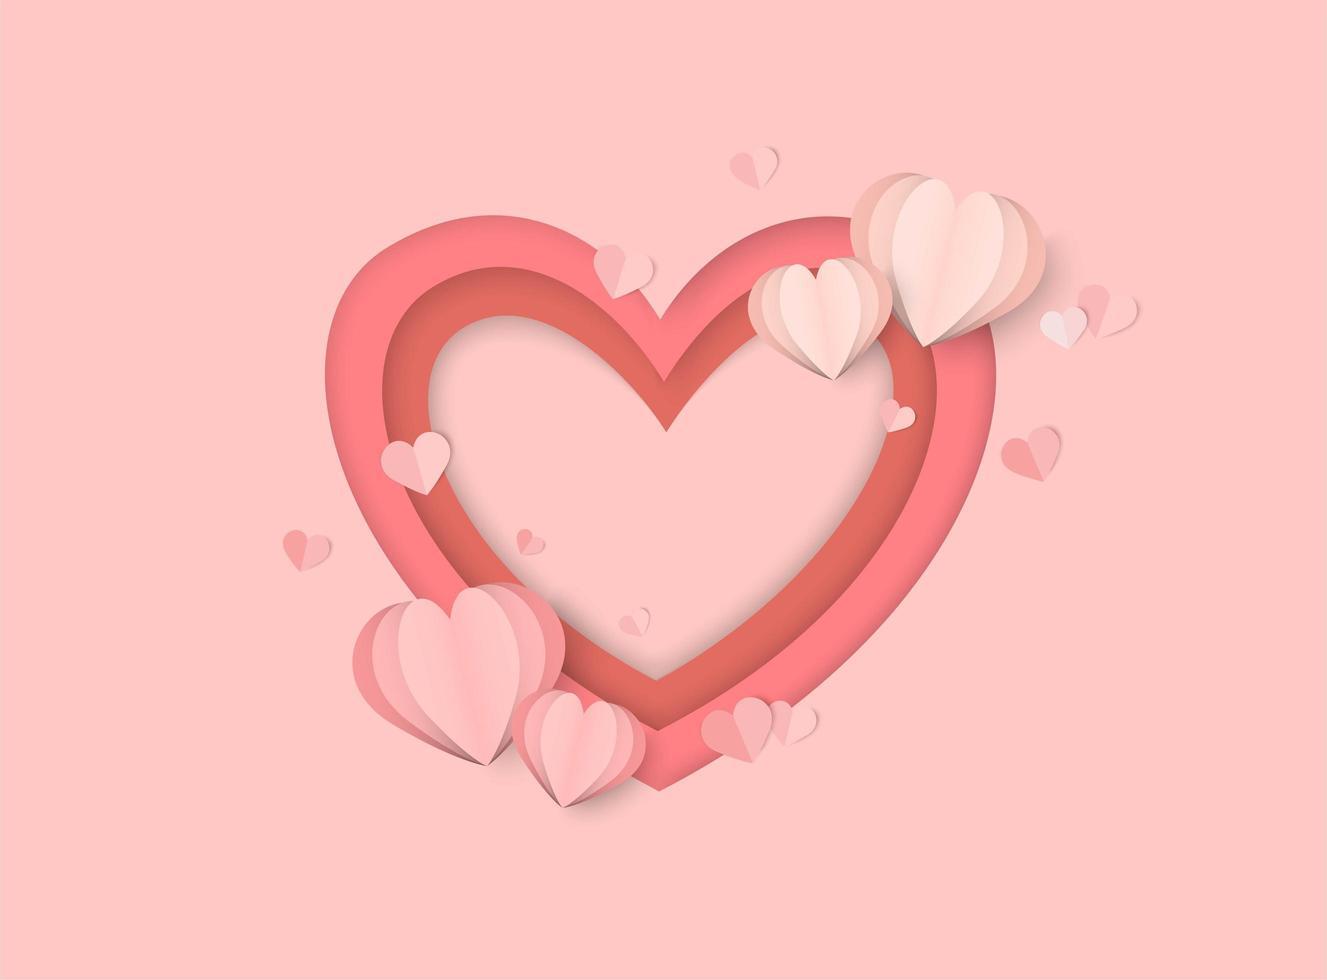 Valentijnsdag roze achtergrond met gelaagd papier gesneden stijl hart vormen vector